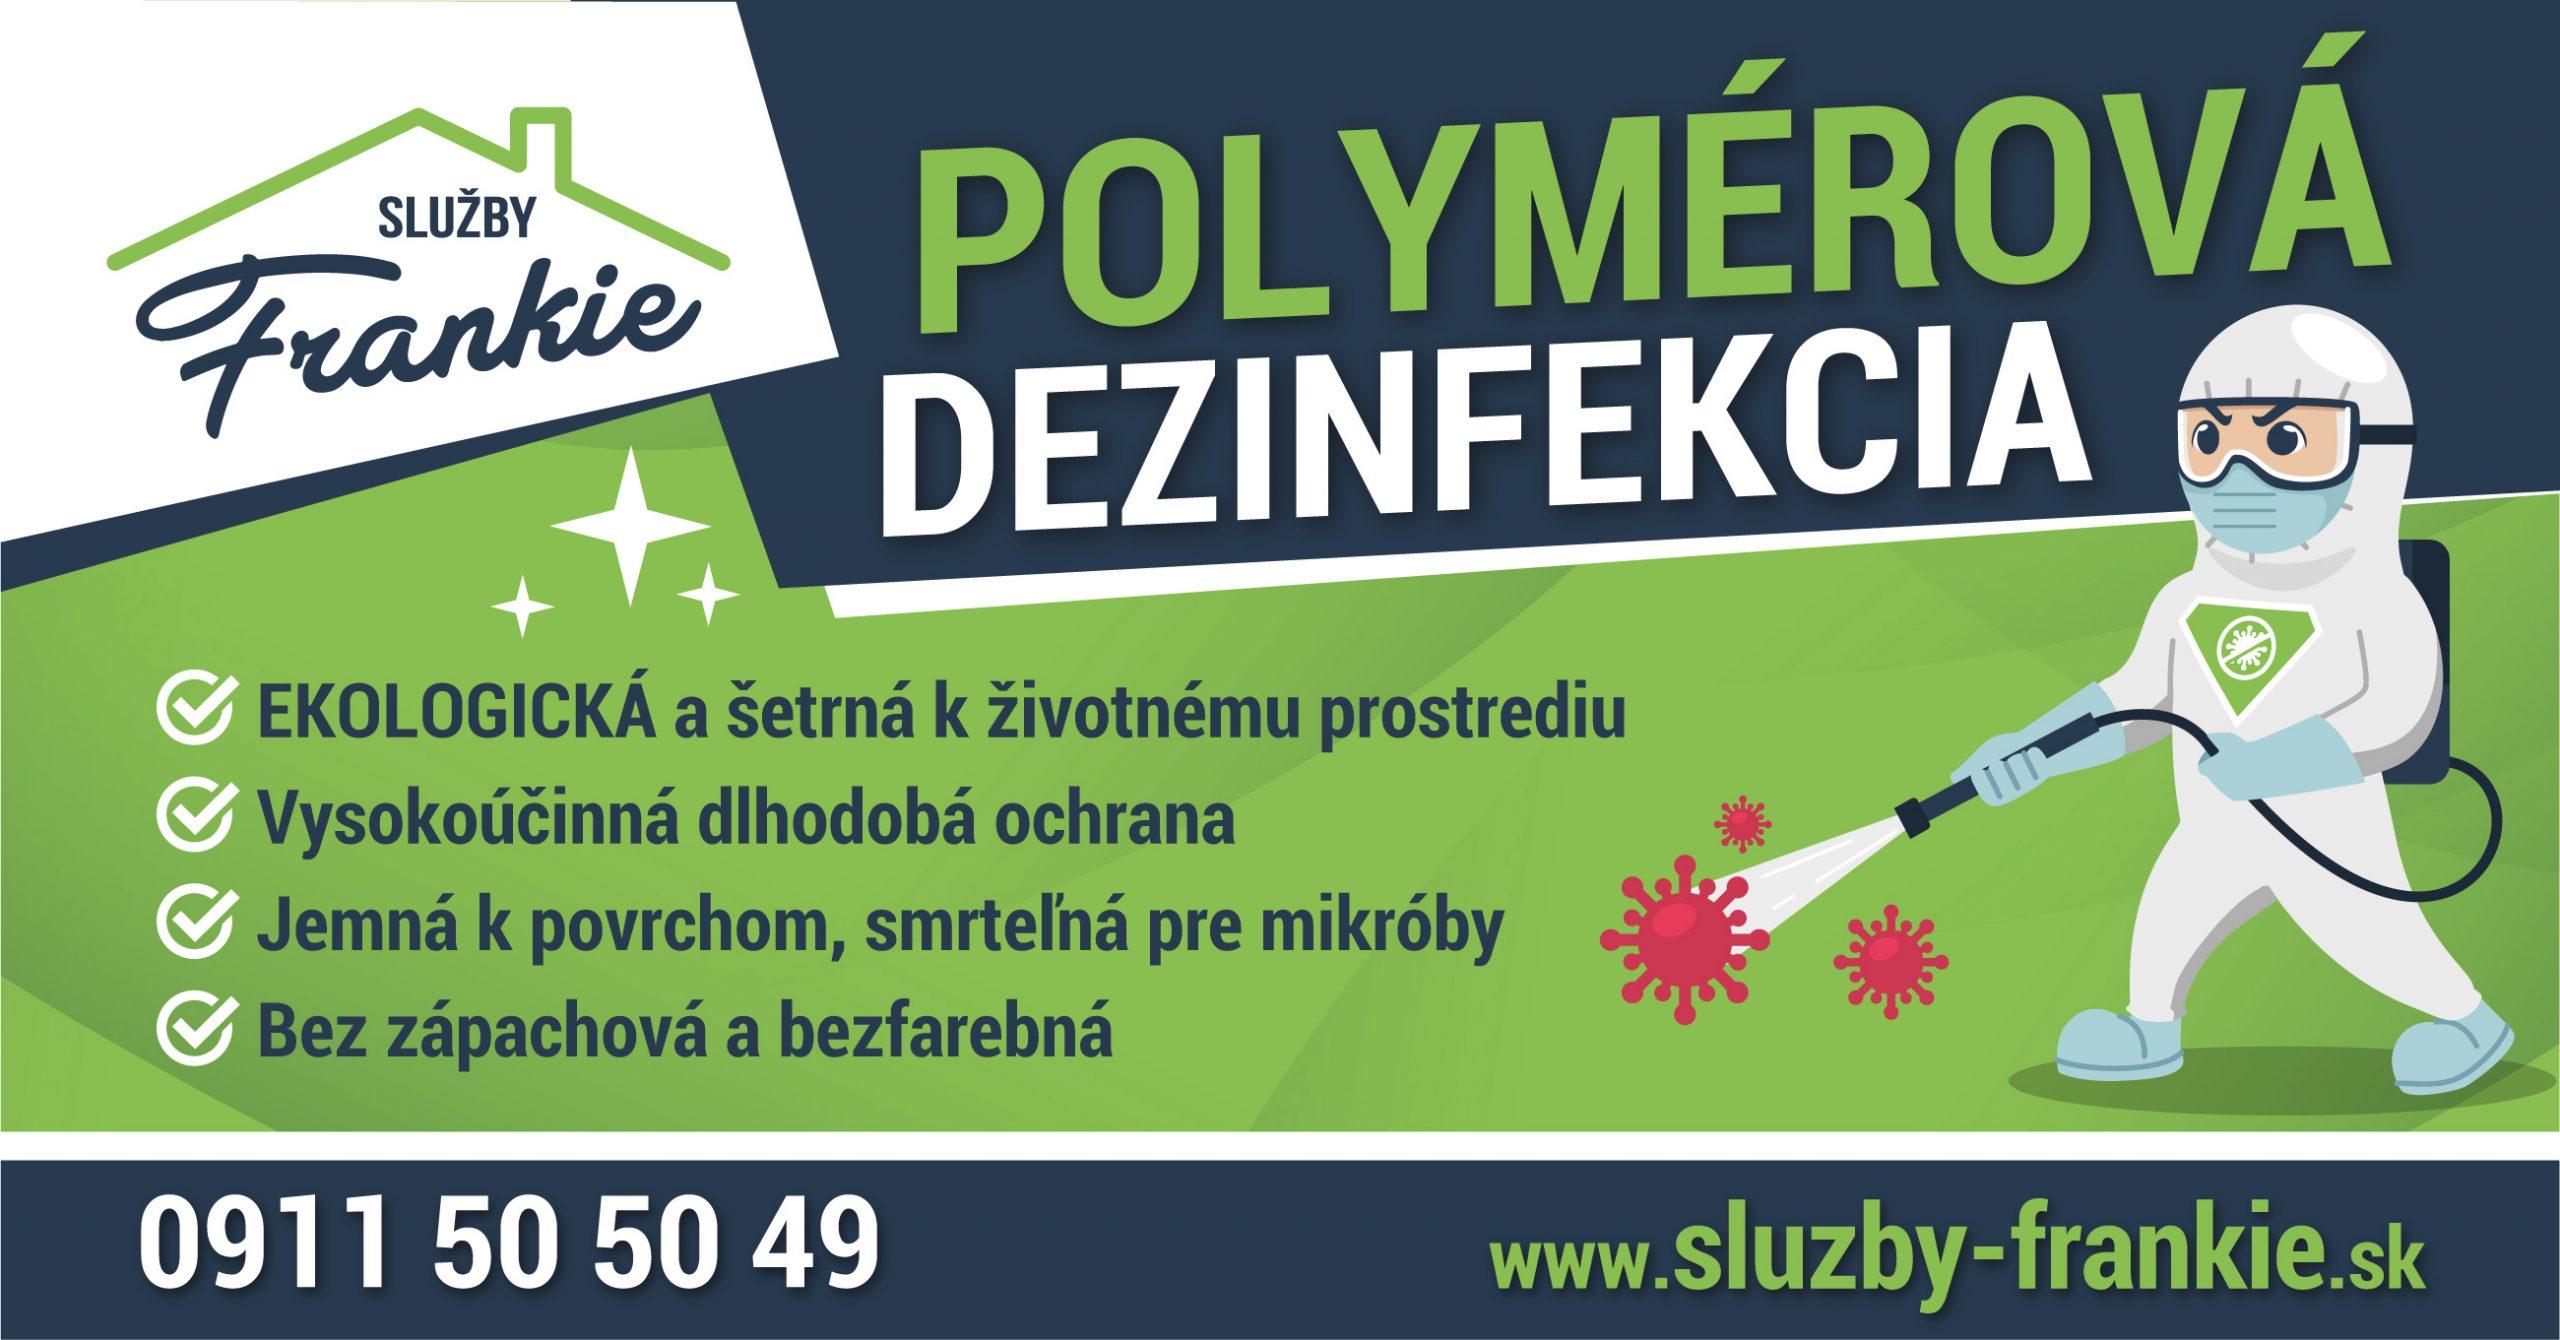 Polymérová dezinfekcia Levice Služby Frankie ekologická a šetrná k životnému prostrediu, vysokoúčinná a dlhodobá ochrana. Jemná k povrchom a smrteľná pre mikróby. Dezinfekcia je bez zápachu a je bezfarebná.